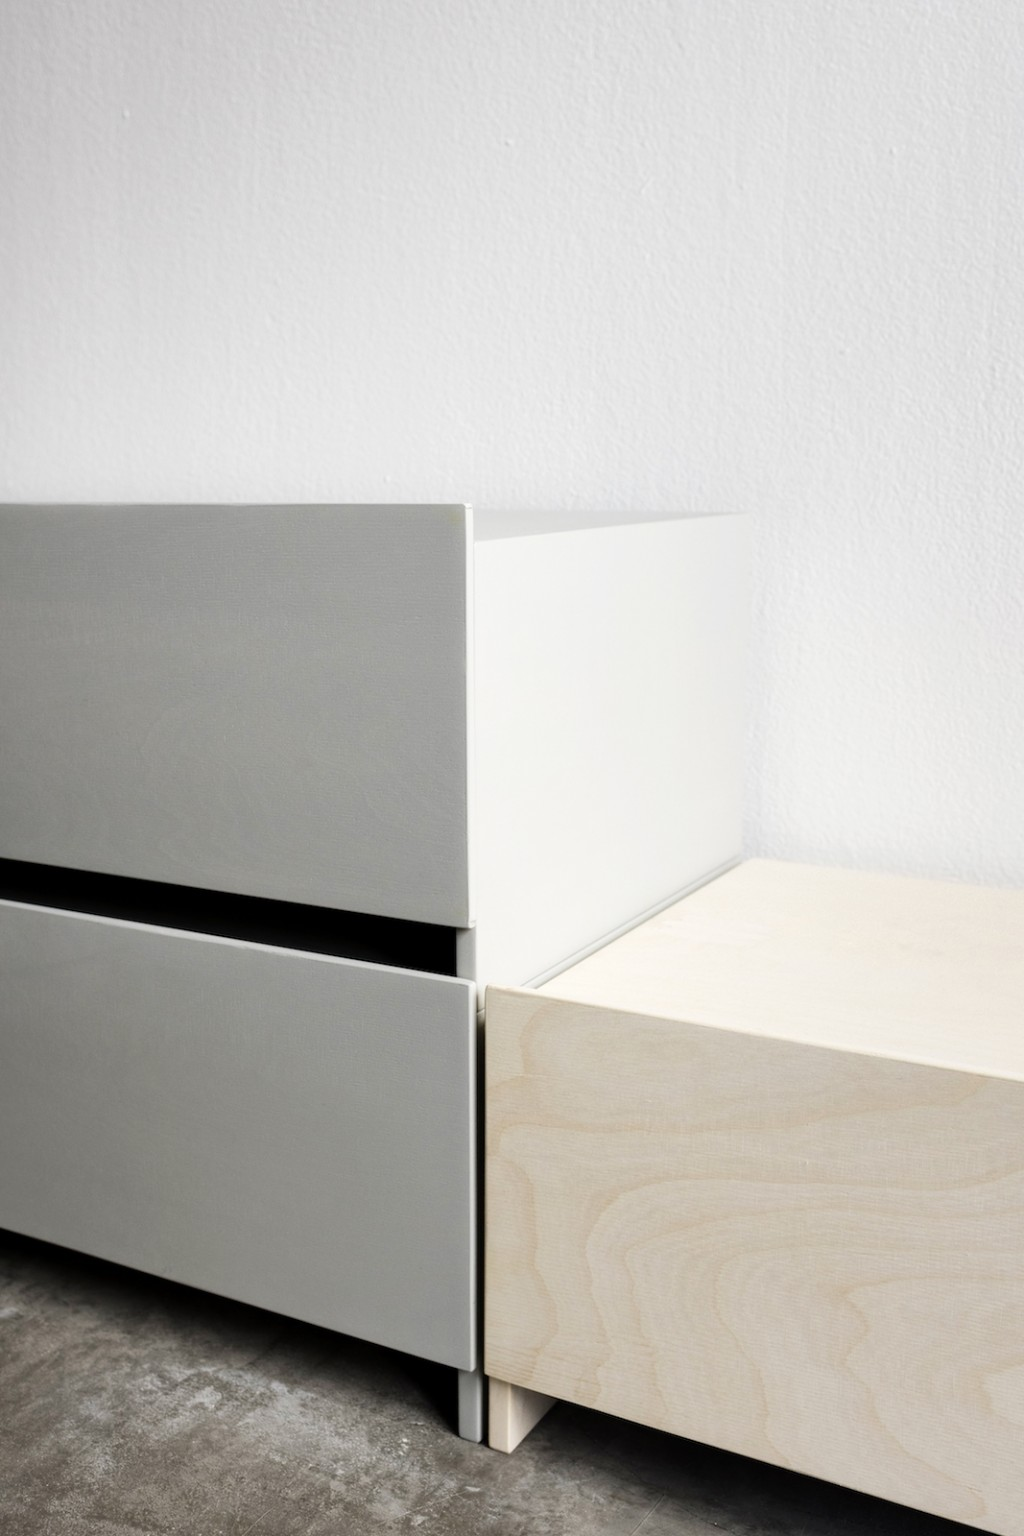 Gerdesmeyer Krohn Office for Design Lada